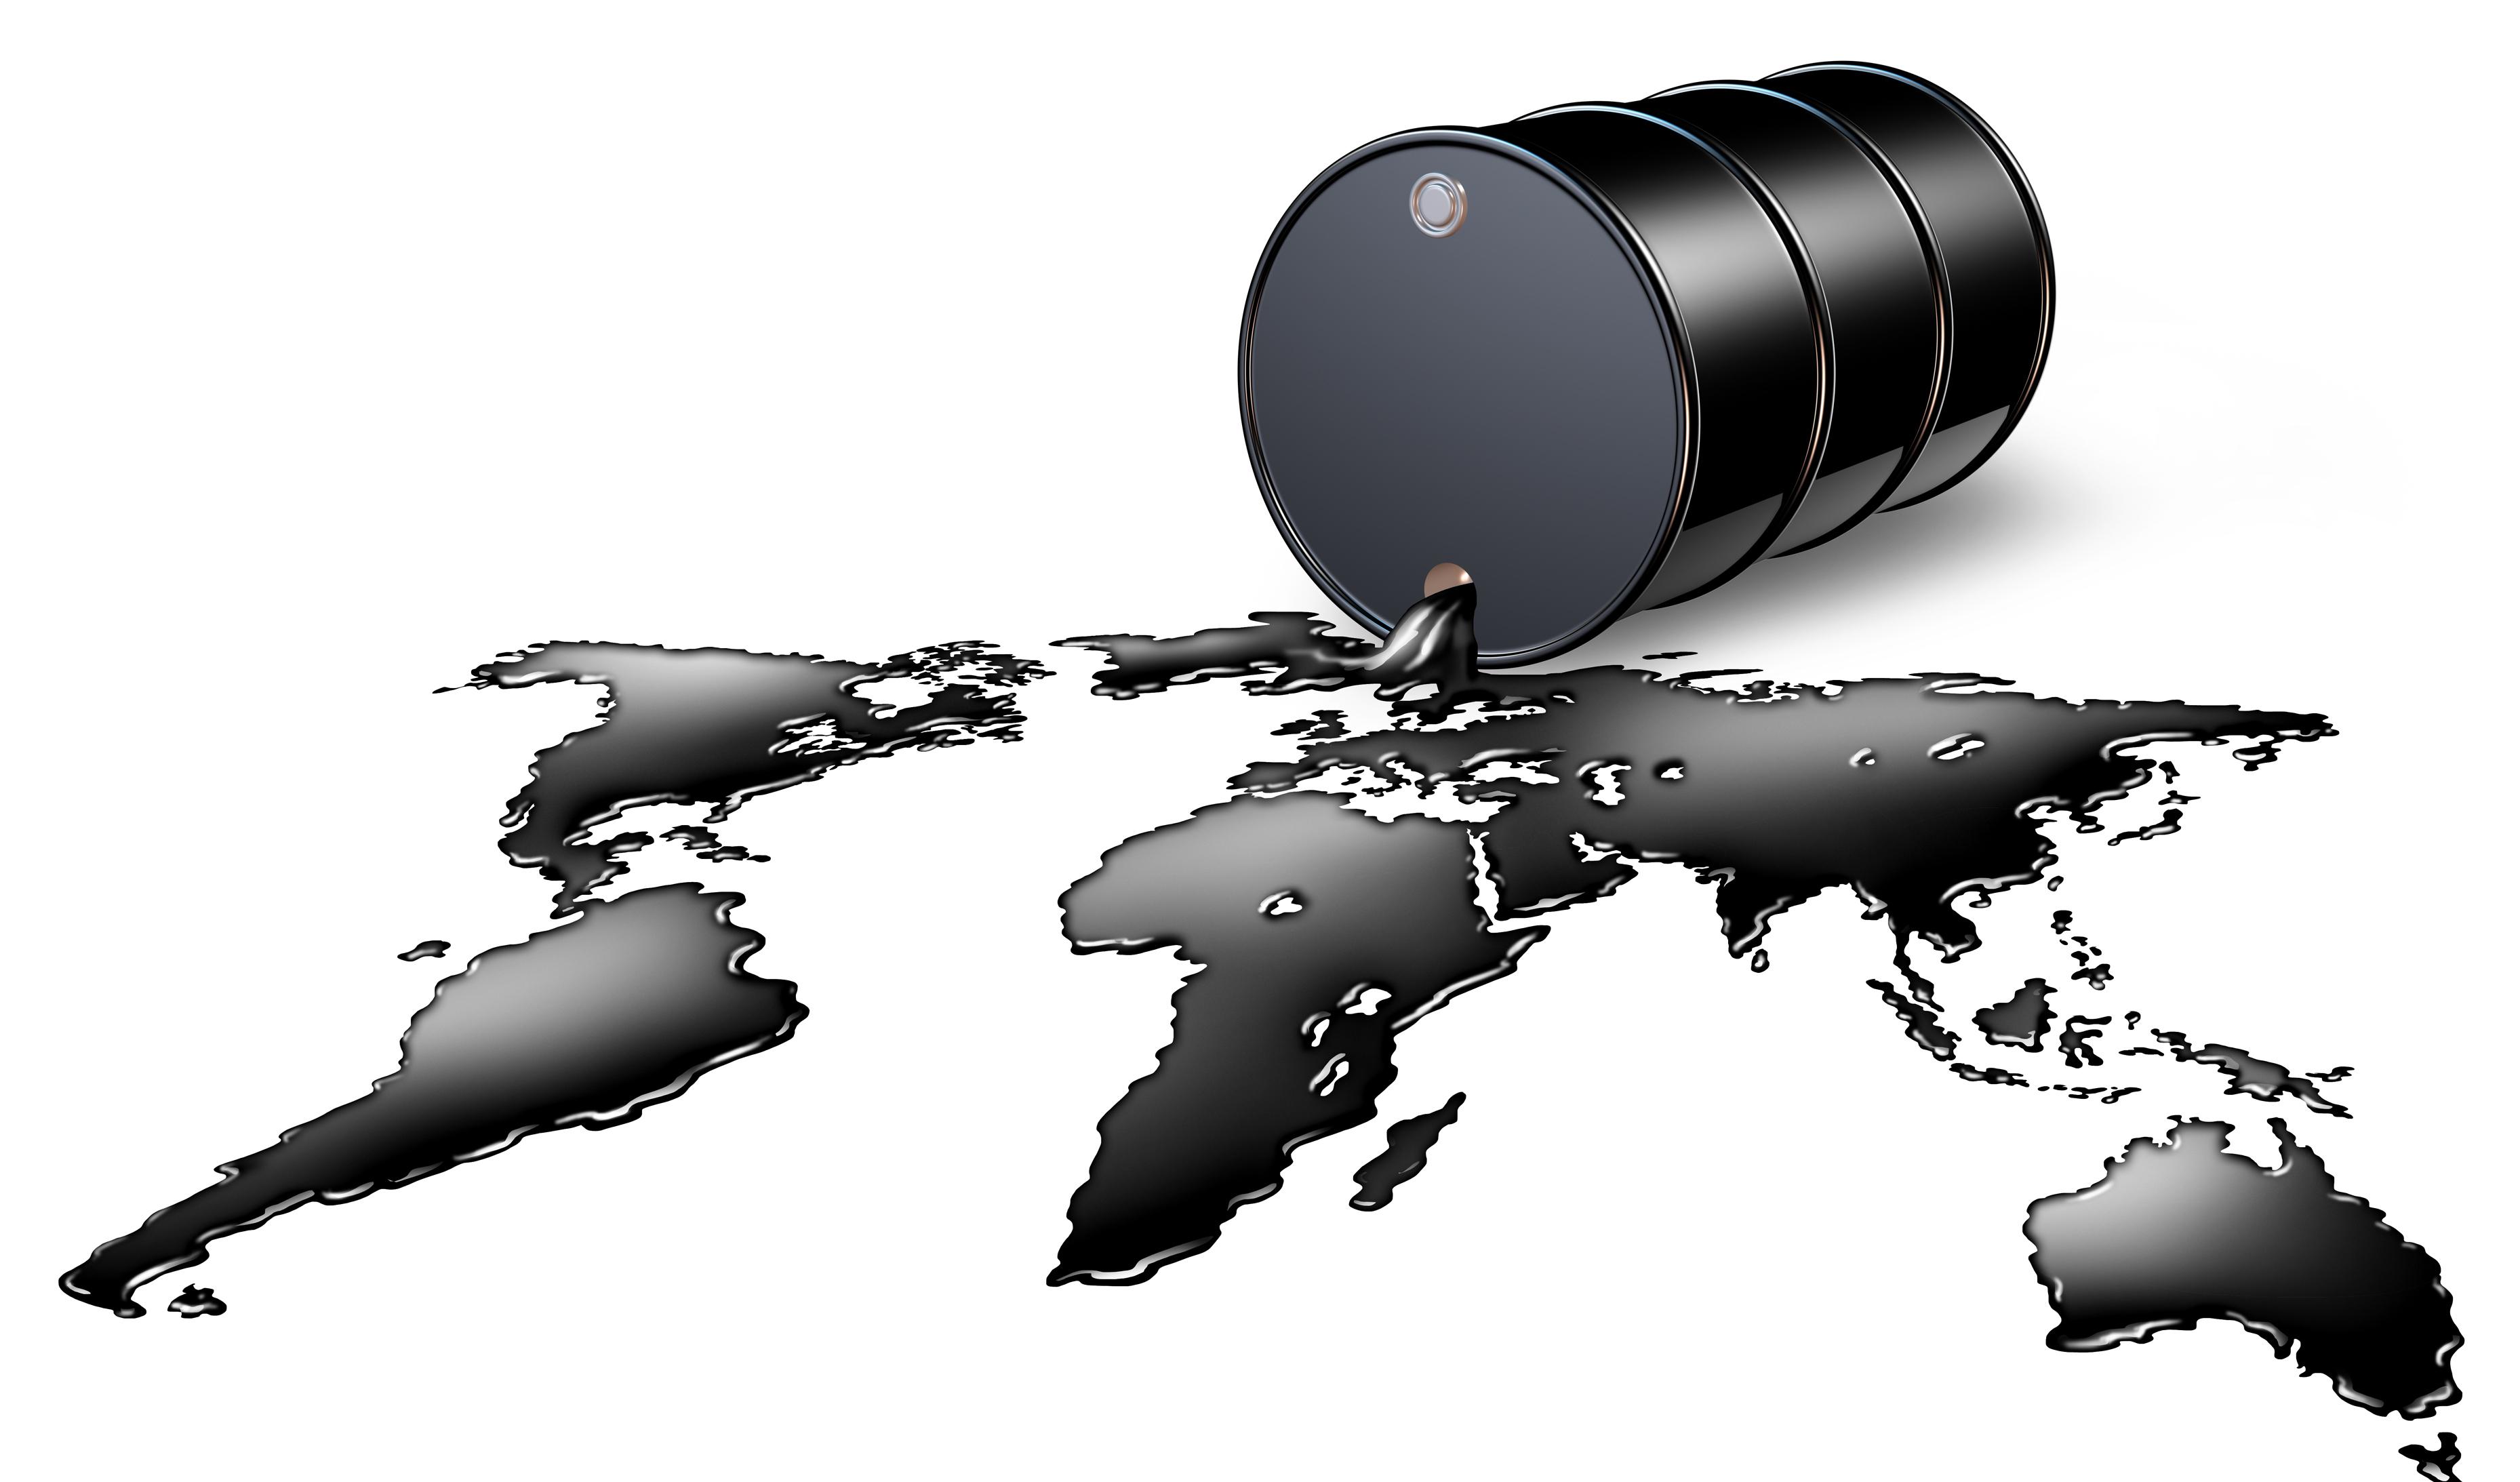 کاهش قیمت جهانی نفت پس از تنش دو غول اقتصادی